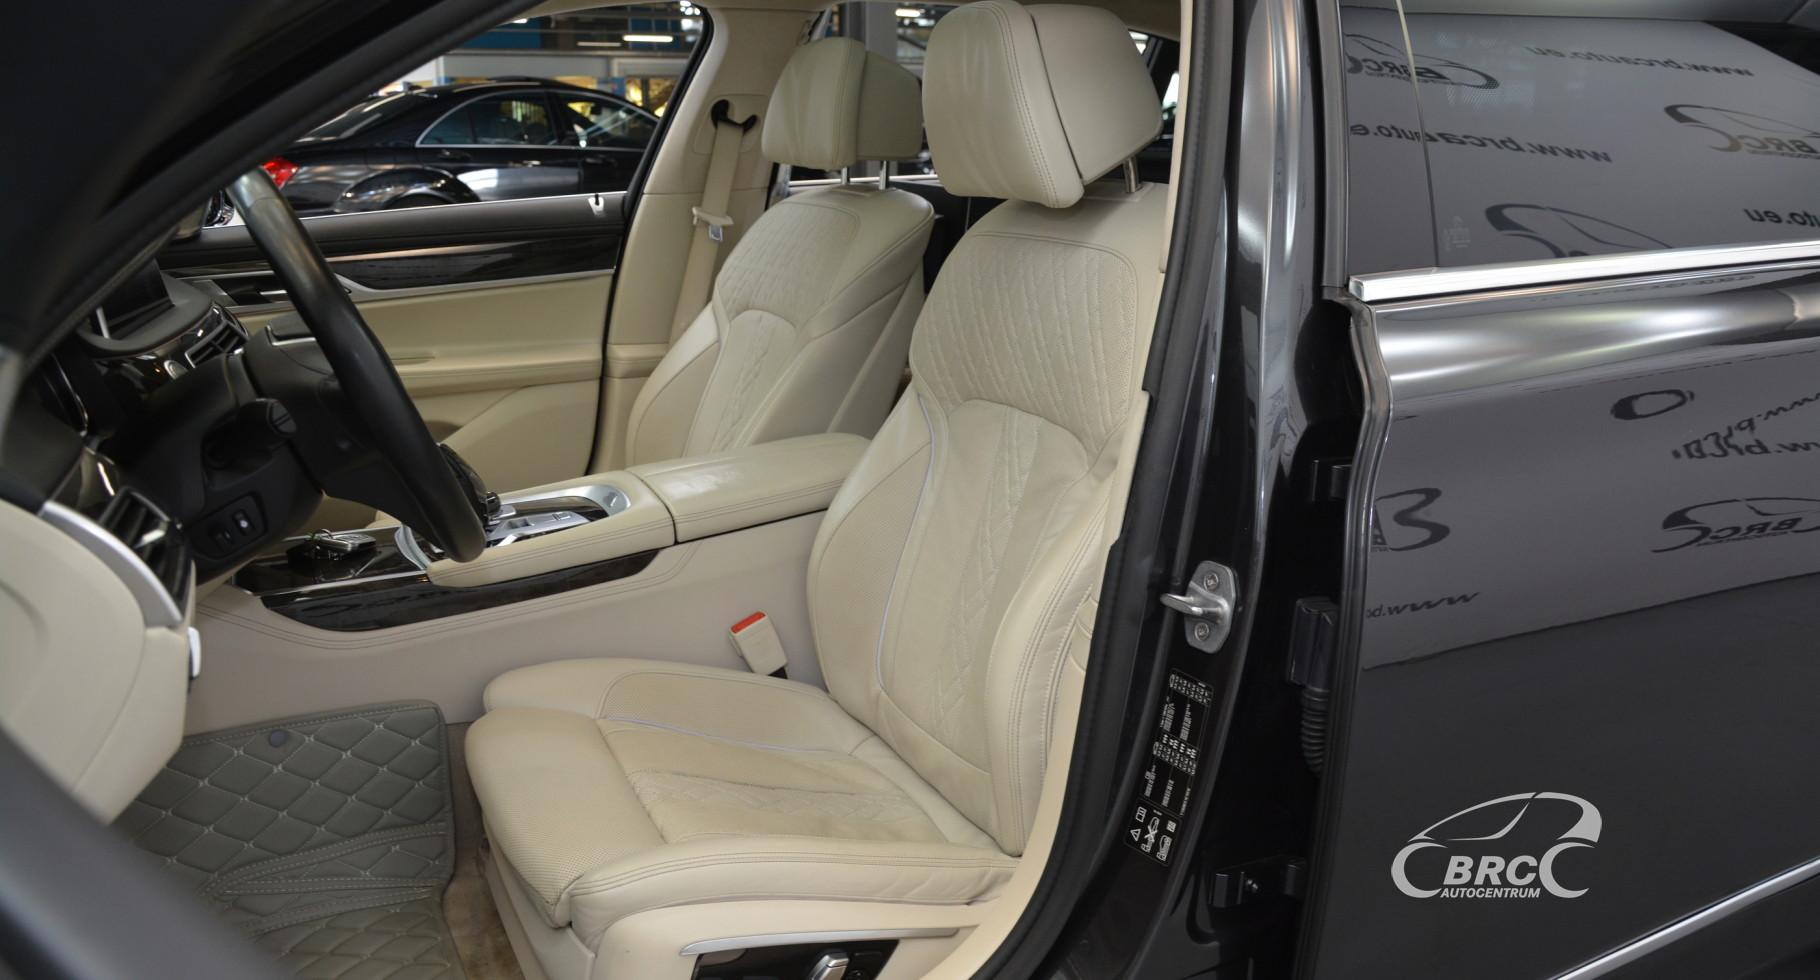 BMW 750 Li xDrive Automatas